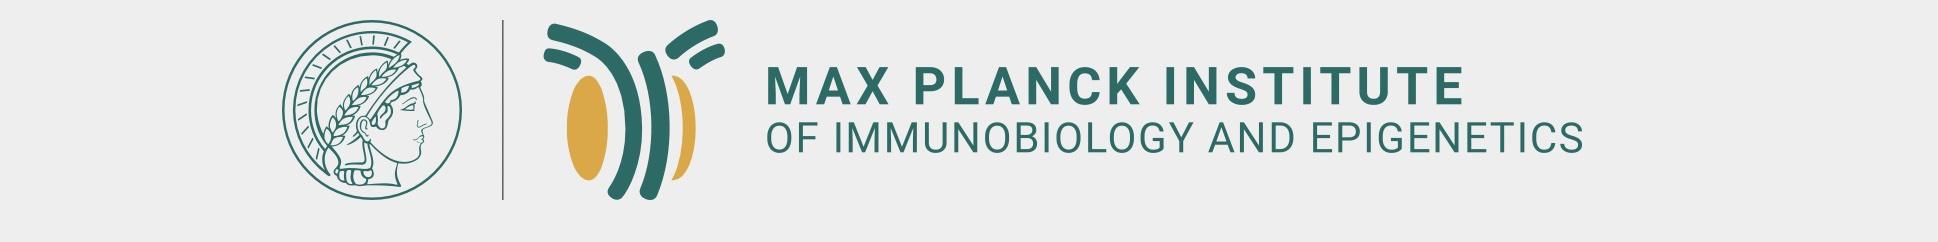 Max Planck Institute of Immunobiology and Epigenet